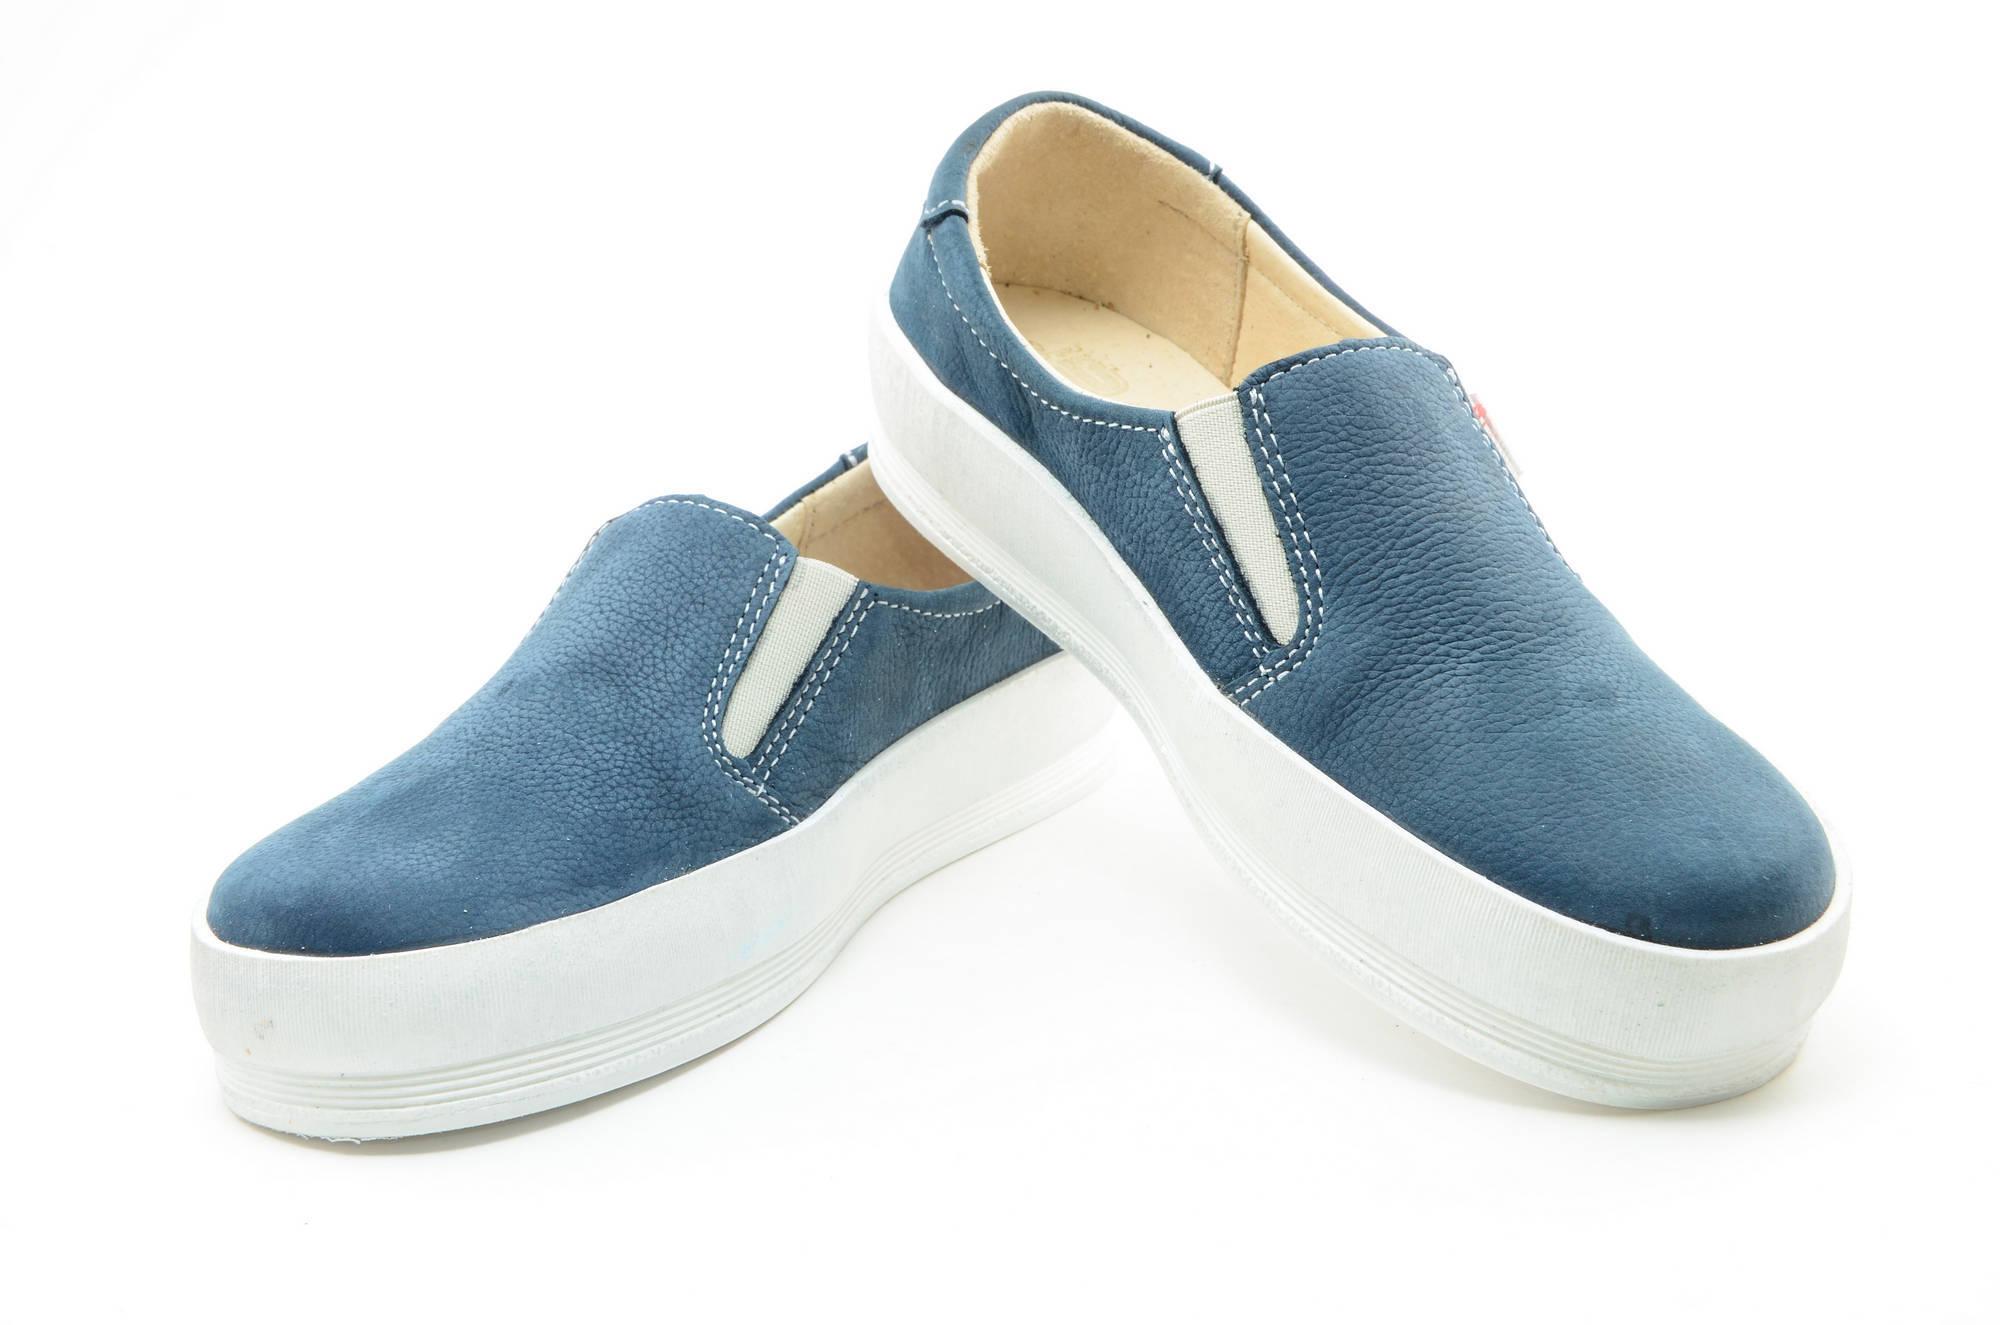 Слипоны на толстой подошве кожаные Лель (LEL) для девочек, цвет темно синий